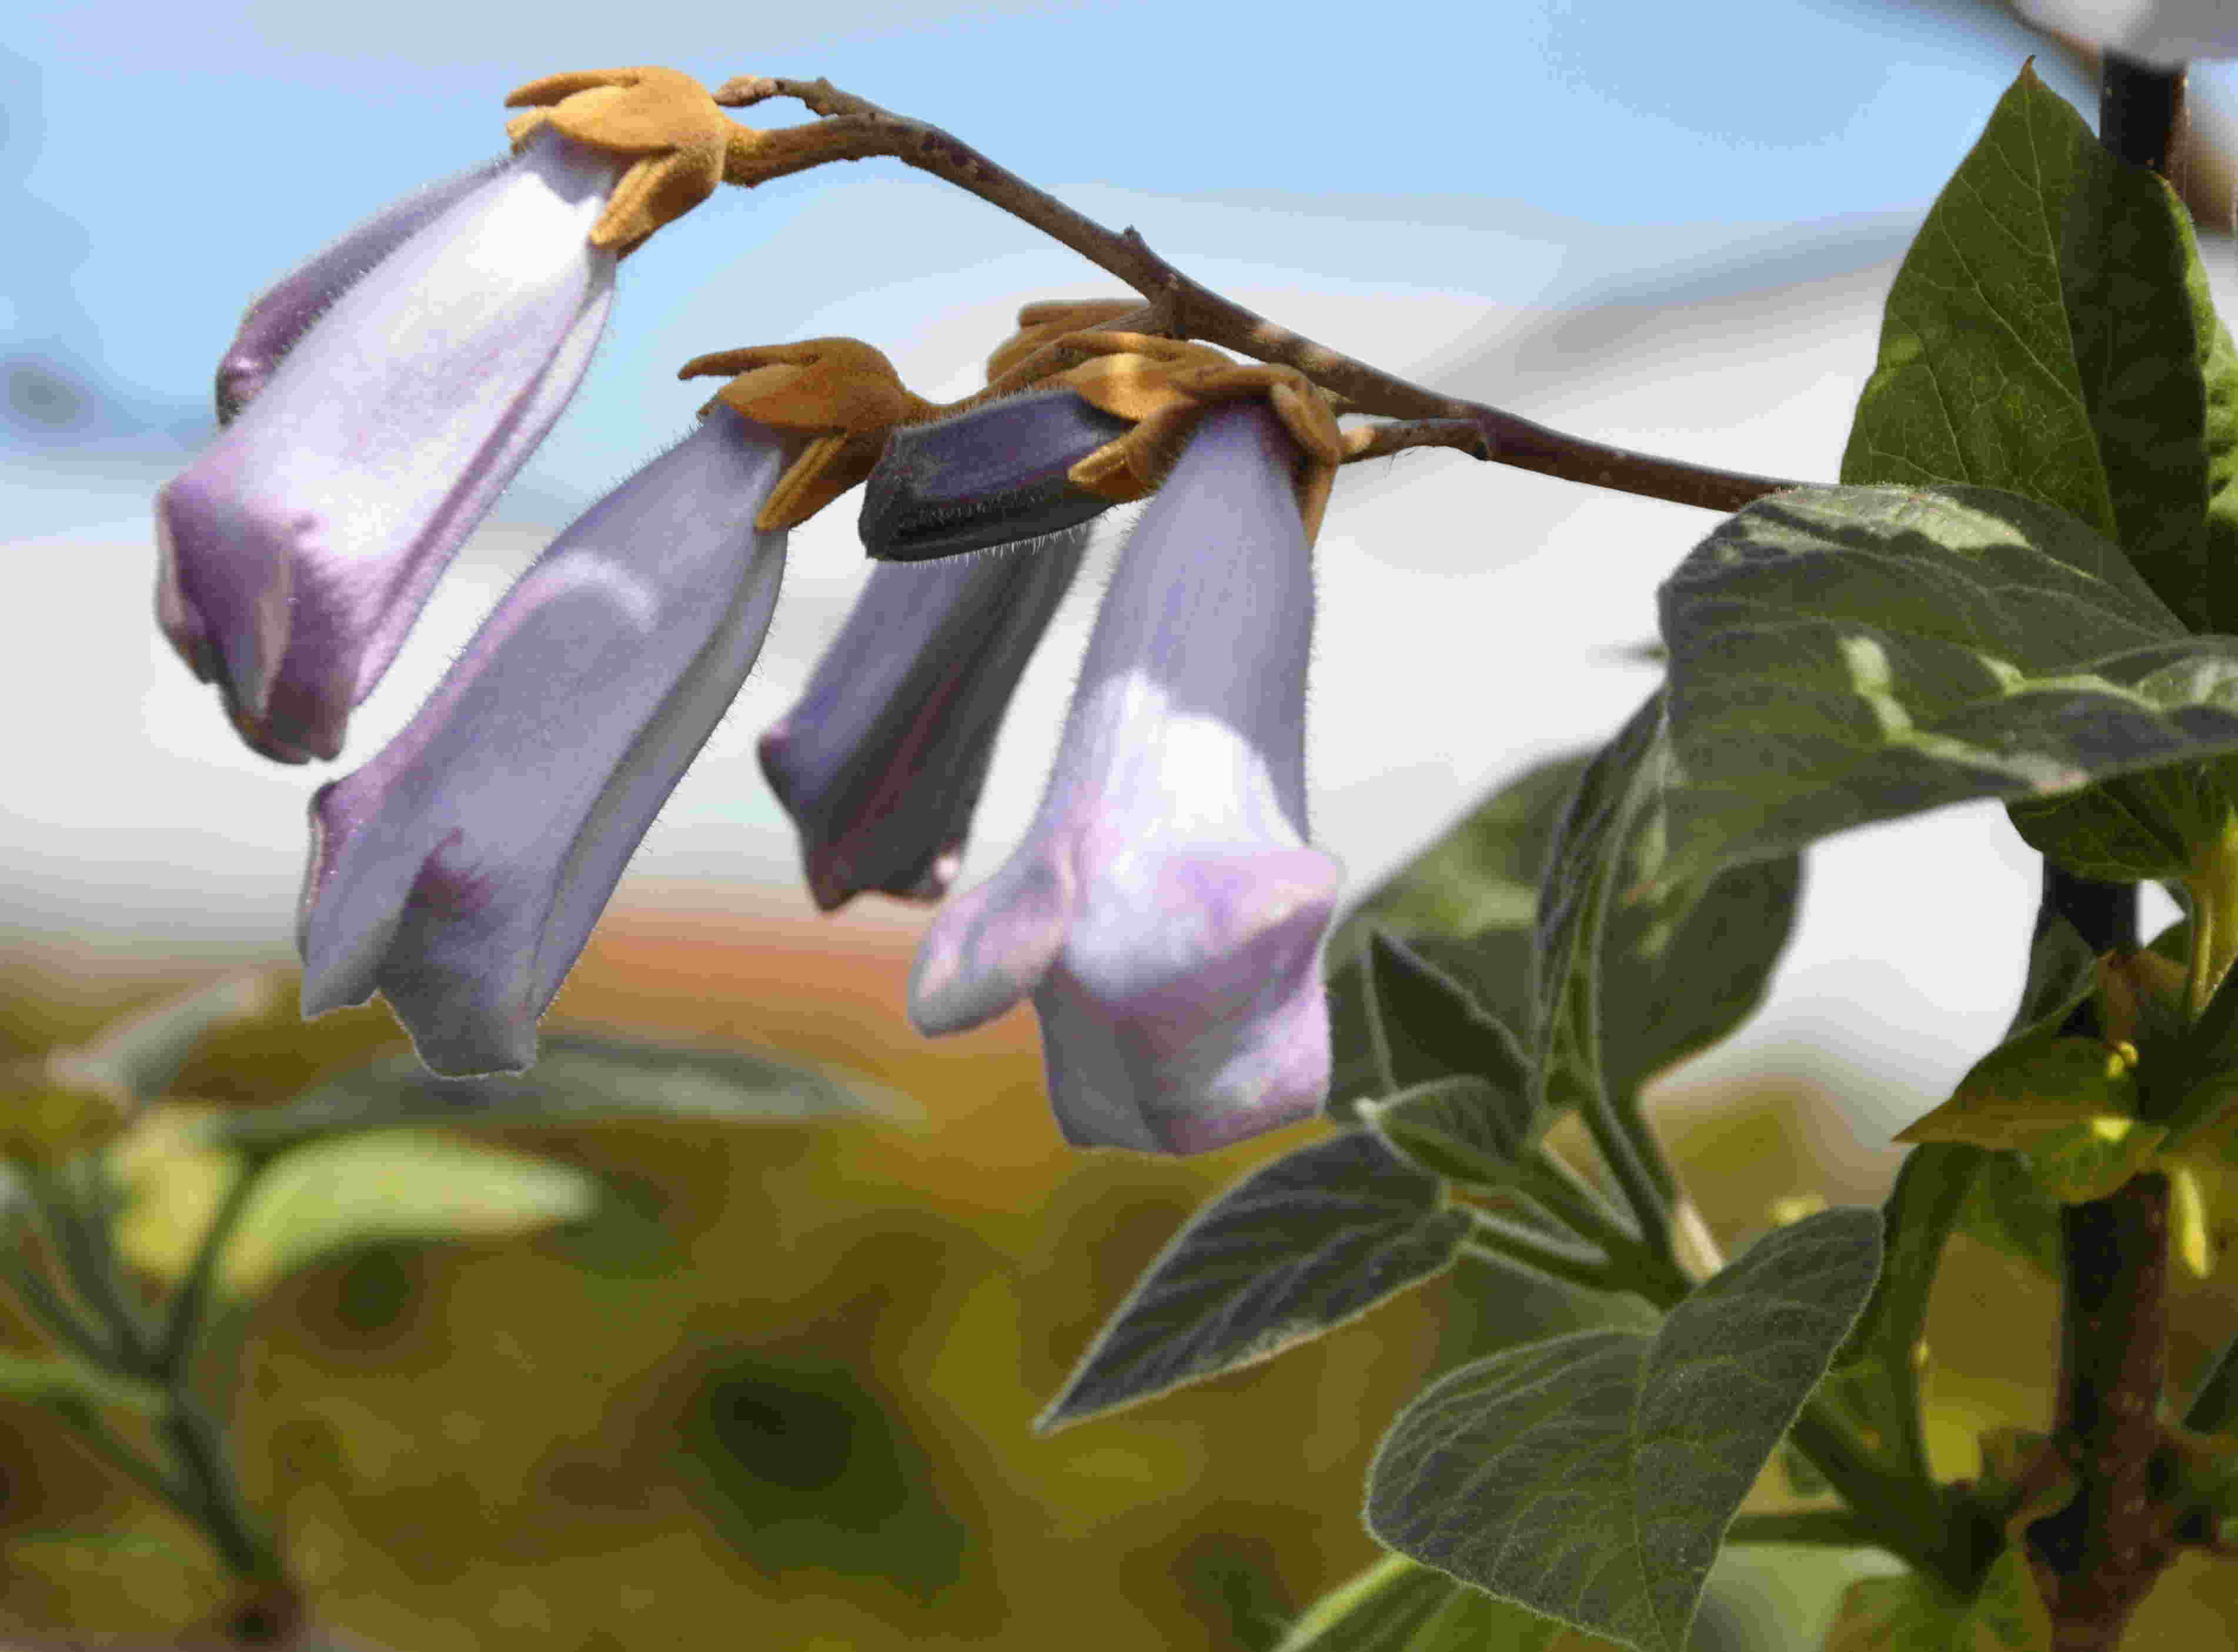 De filtklädda bruna skotten och småbladen är karaktäristiska för kejsarträdet.